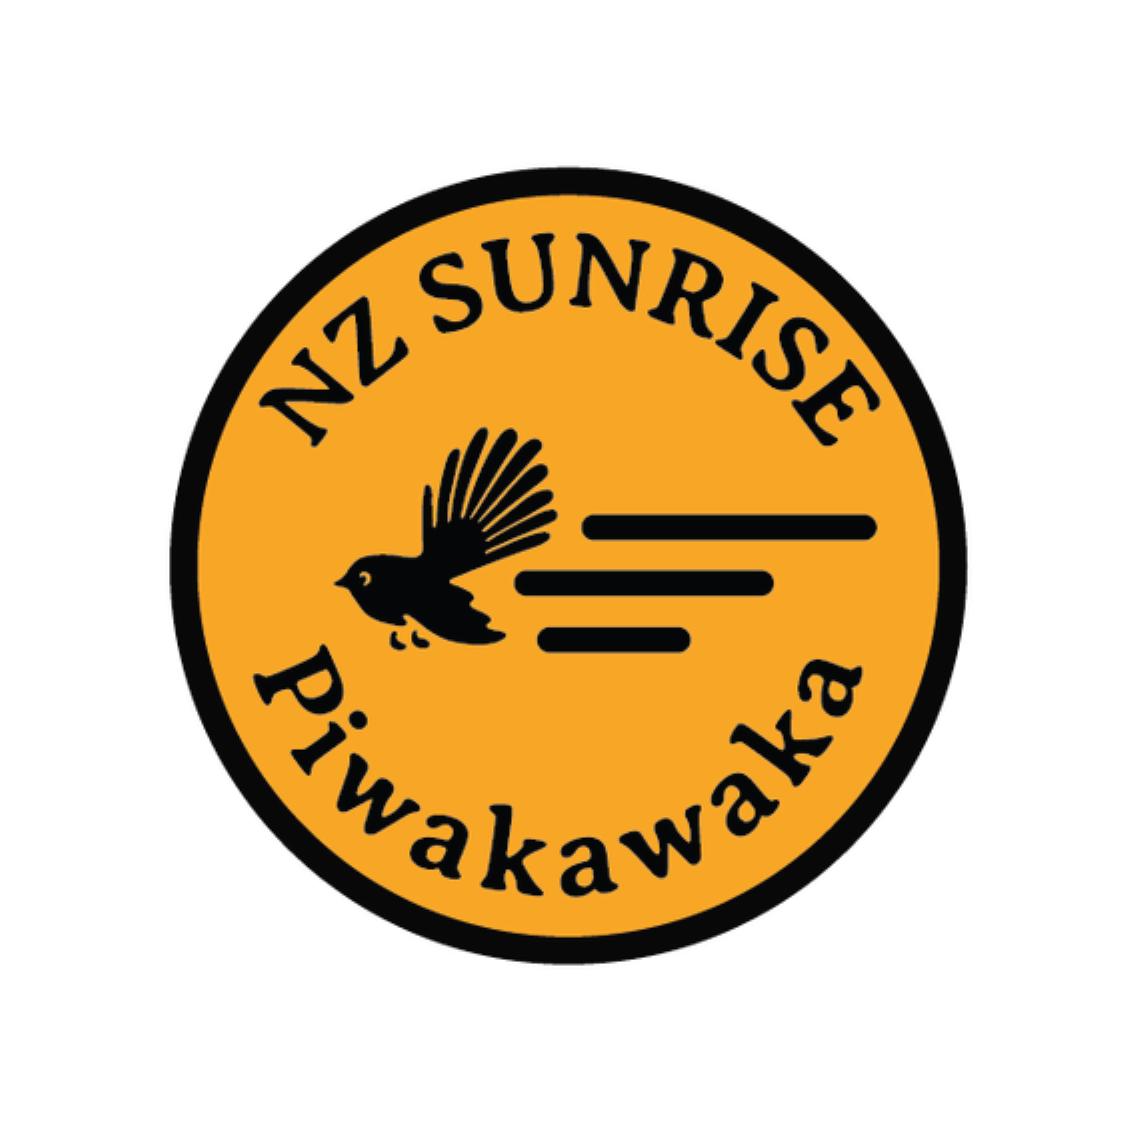 piwaka badge@2x.png